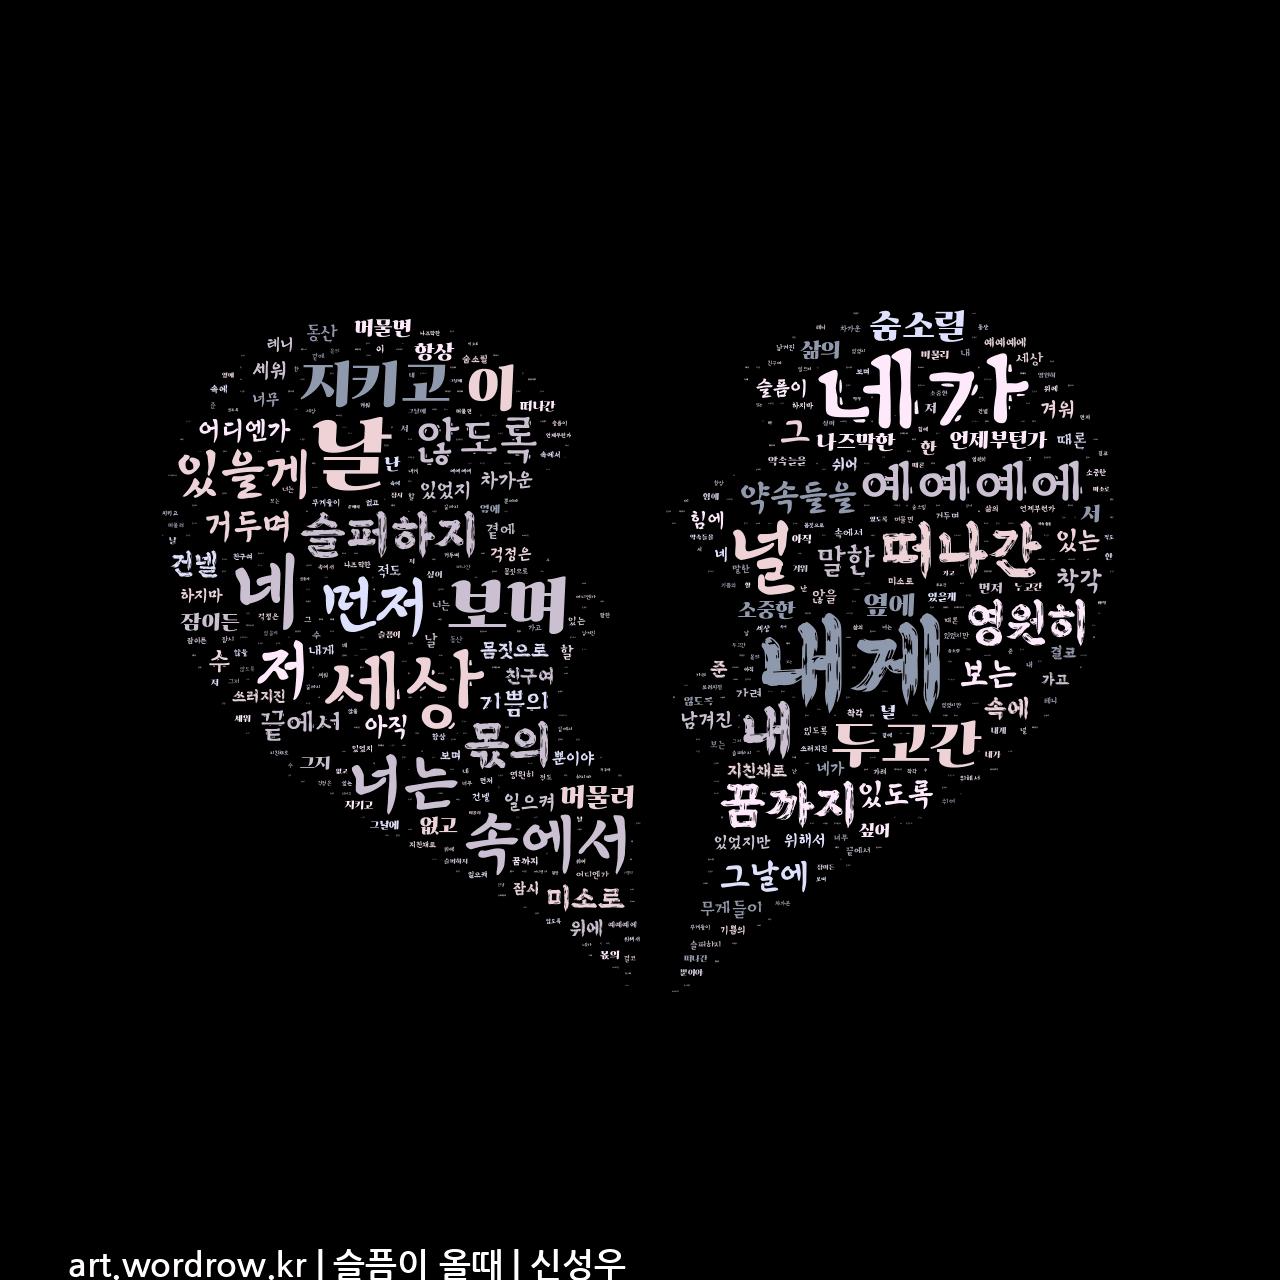 워드 클라우드: 슬픔이 올때 [신성우]-40